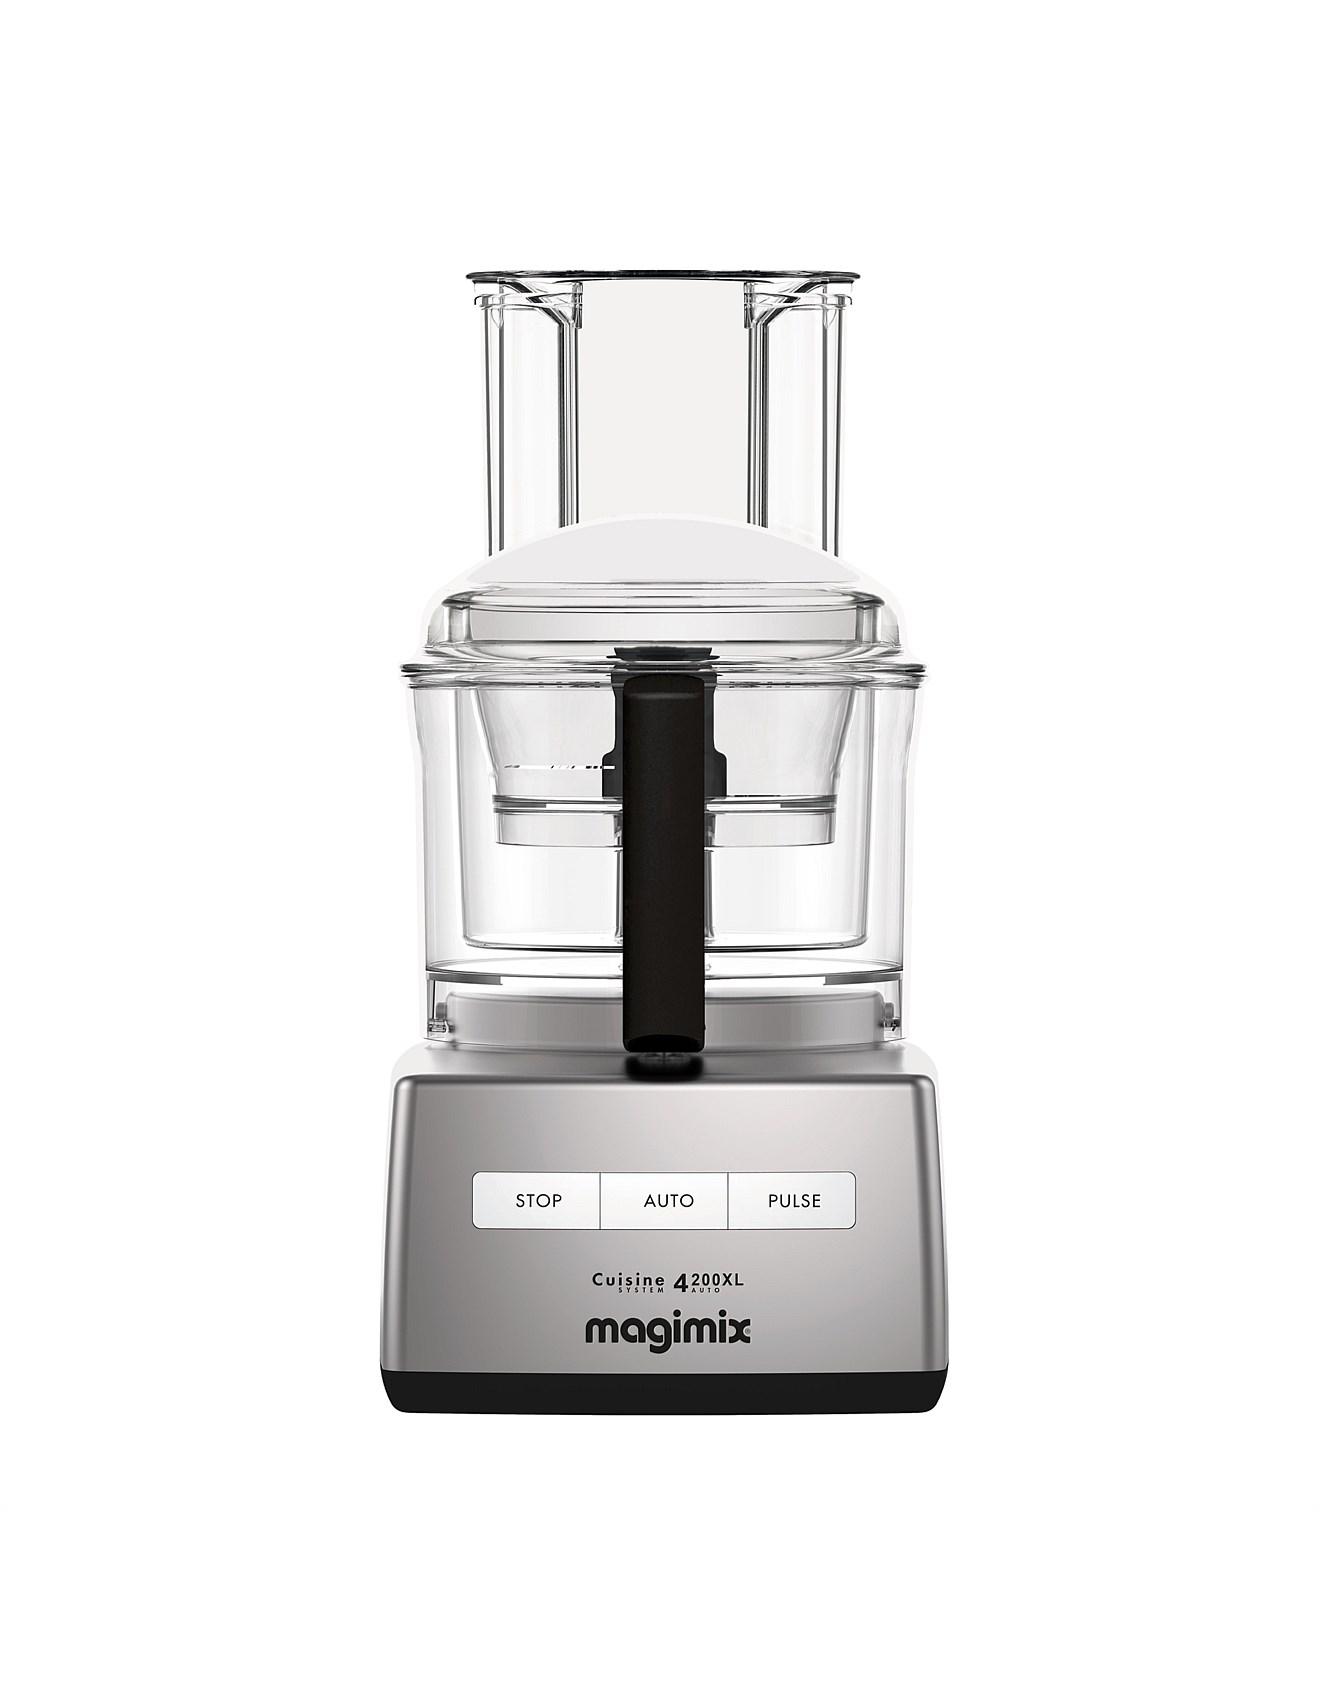 Magimix Food Processor David Jones